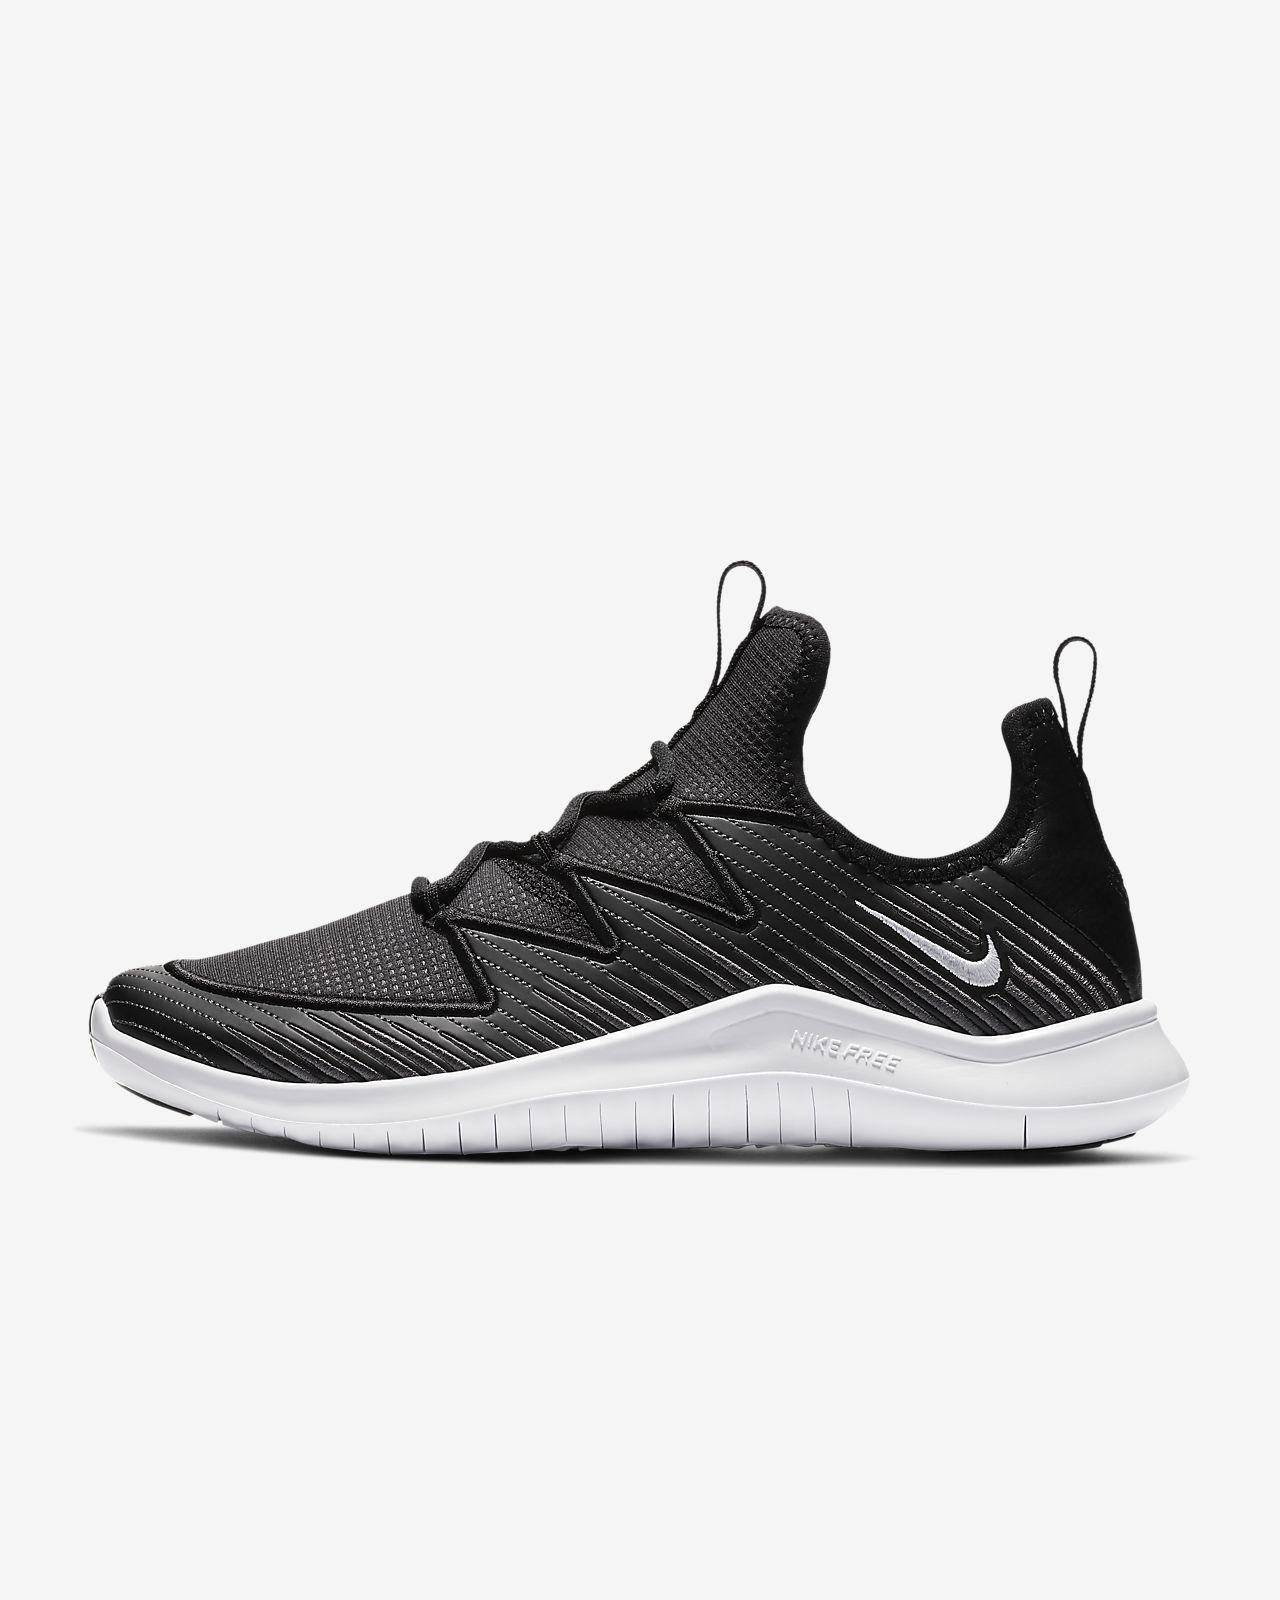 Nike Free TR Ultra Women's Training Shoe